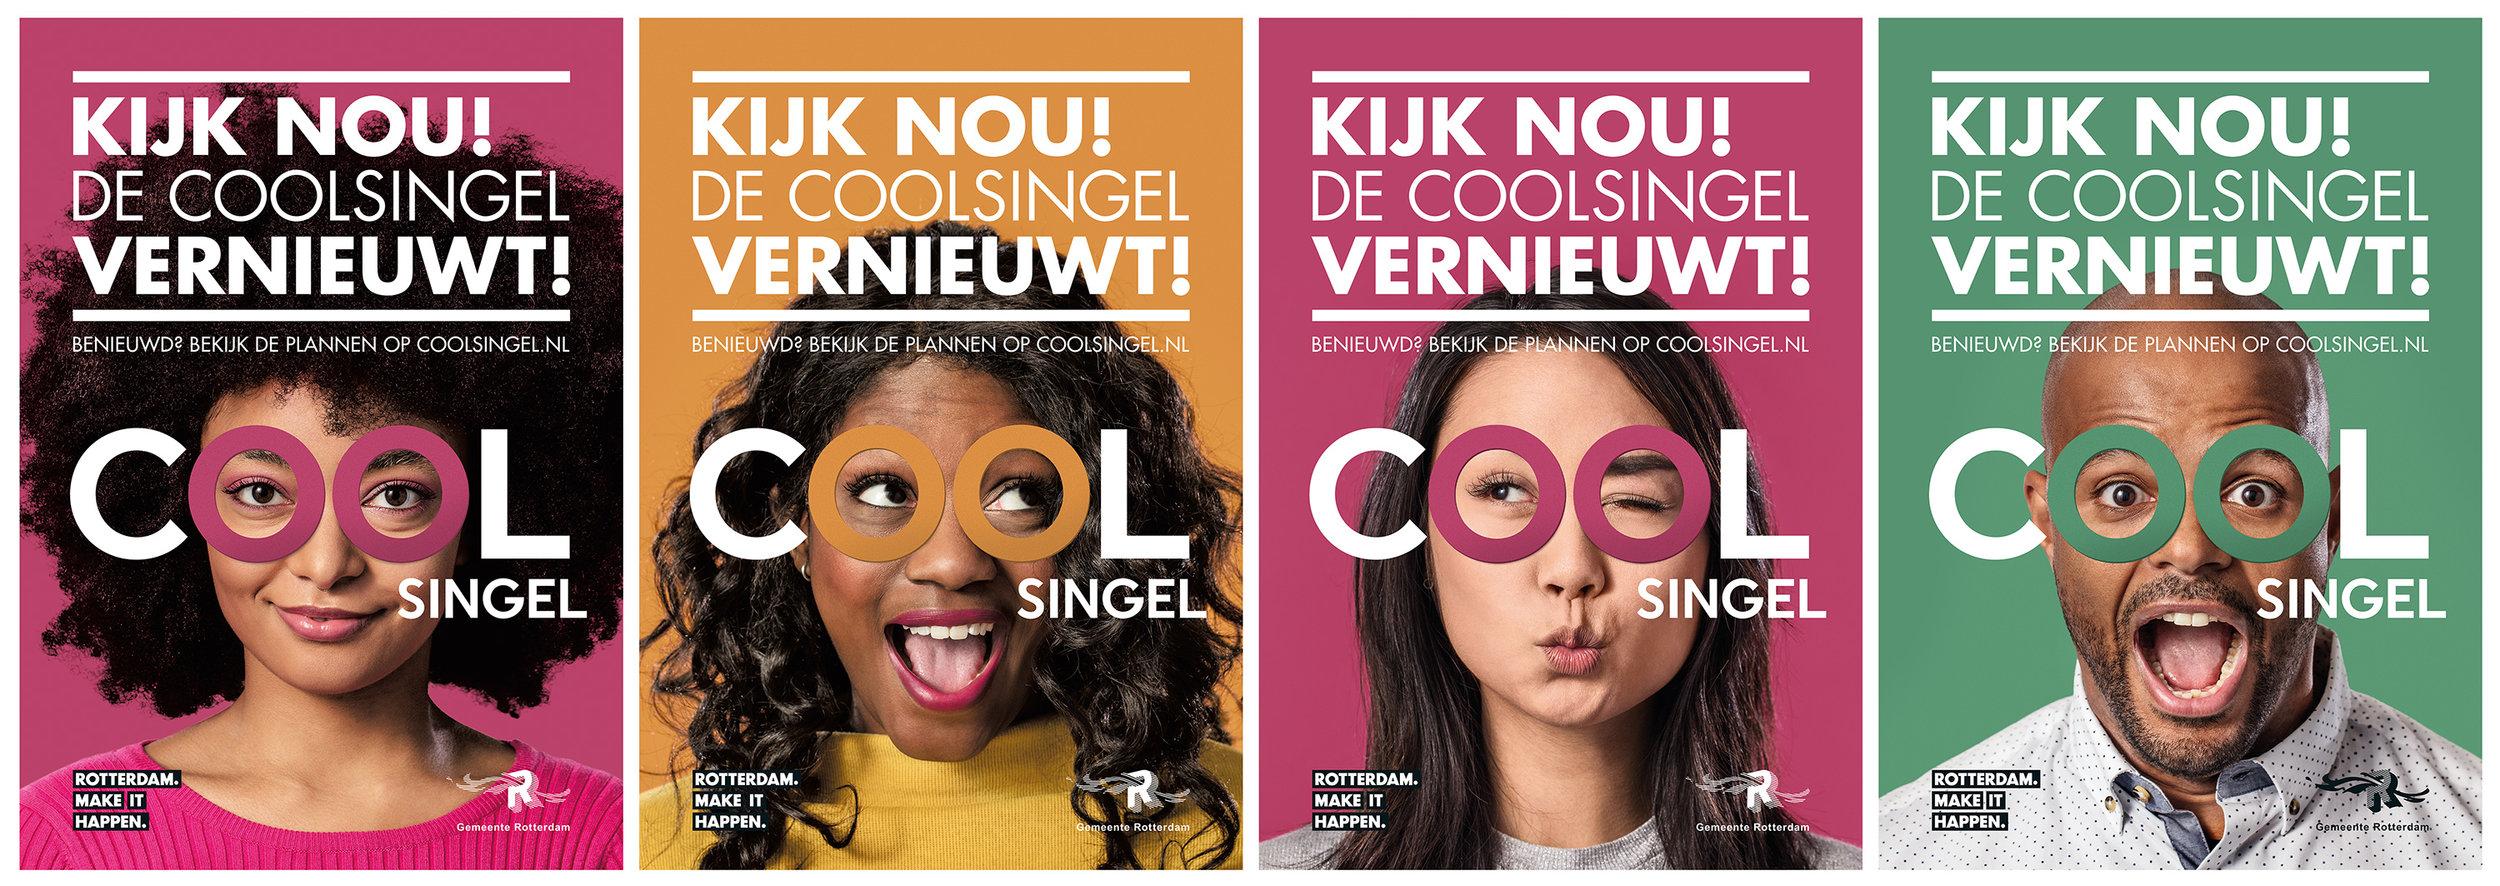 0to9: Campagne voor 'De Coolsingel vernieuwt!'.